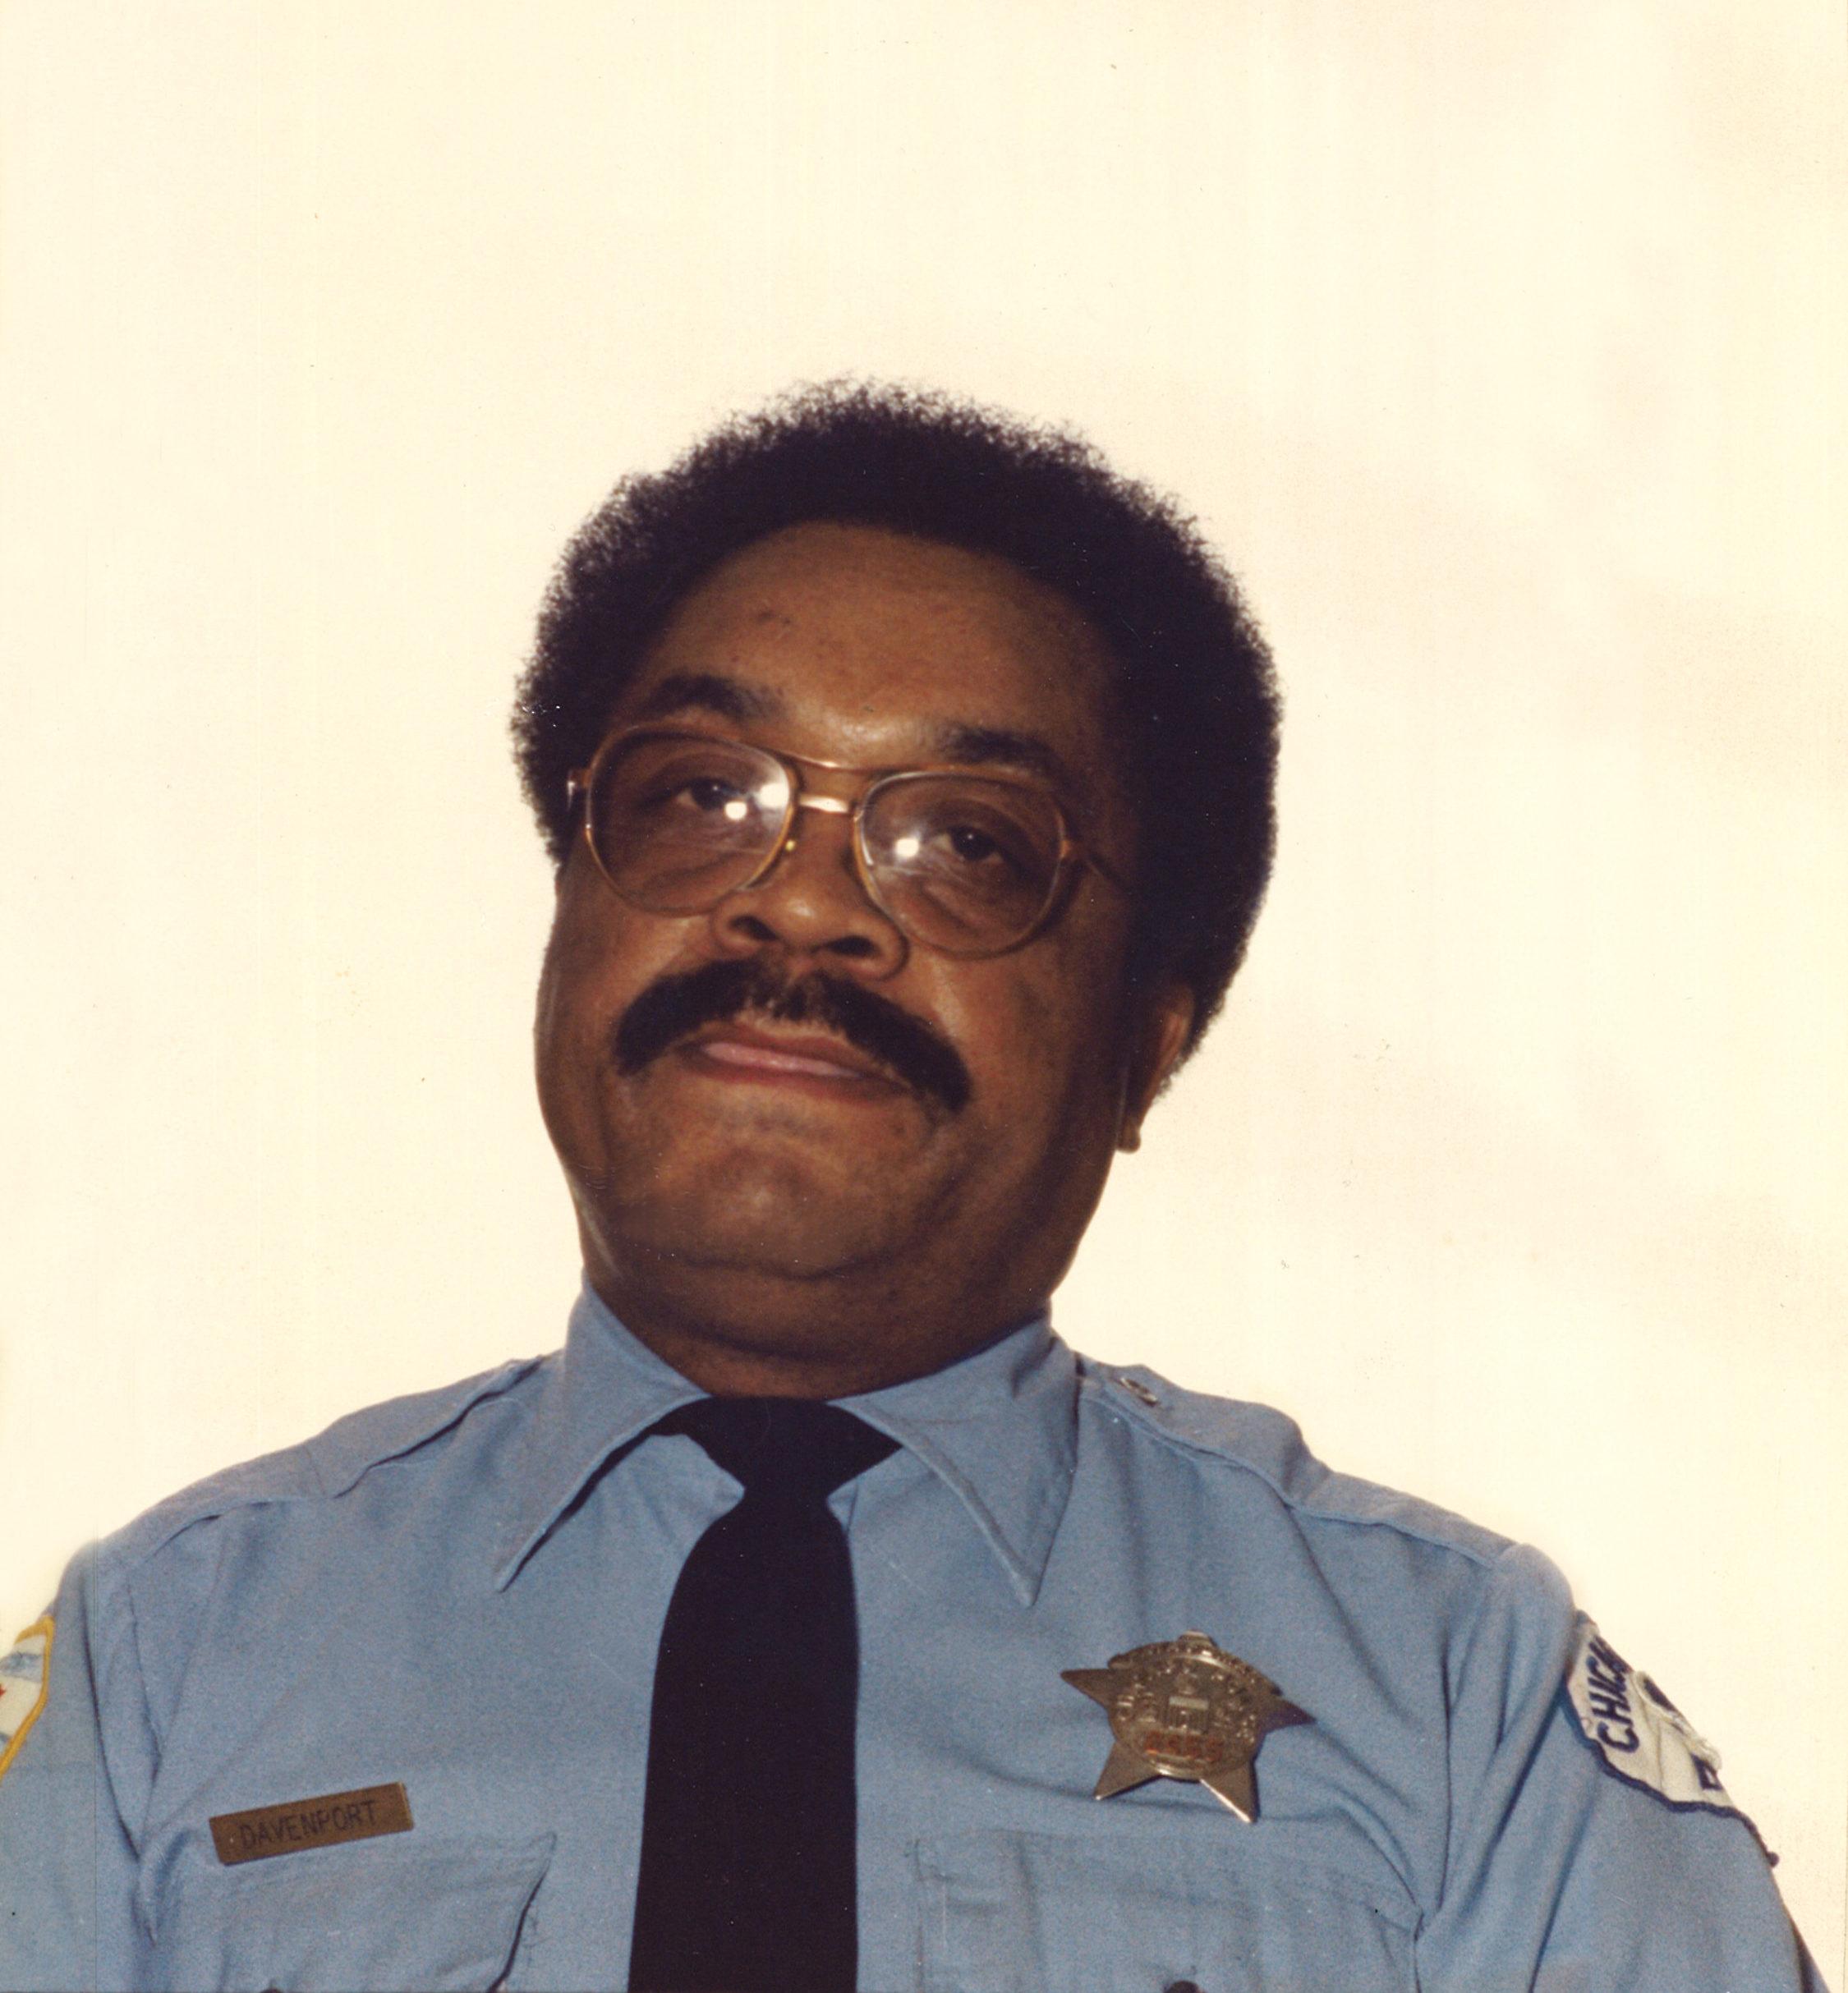 Richard (NMN) Davenport Jr. | Star #2280